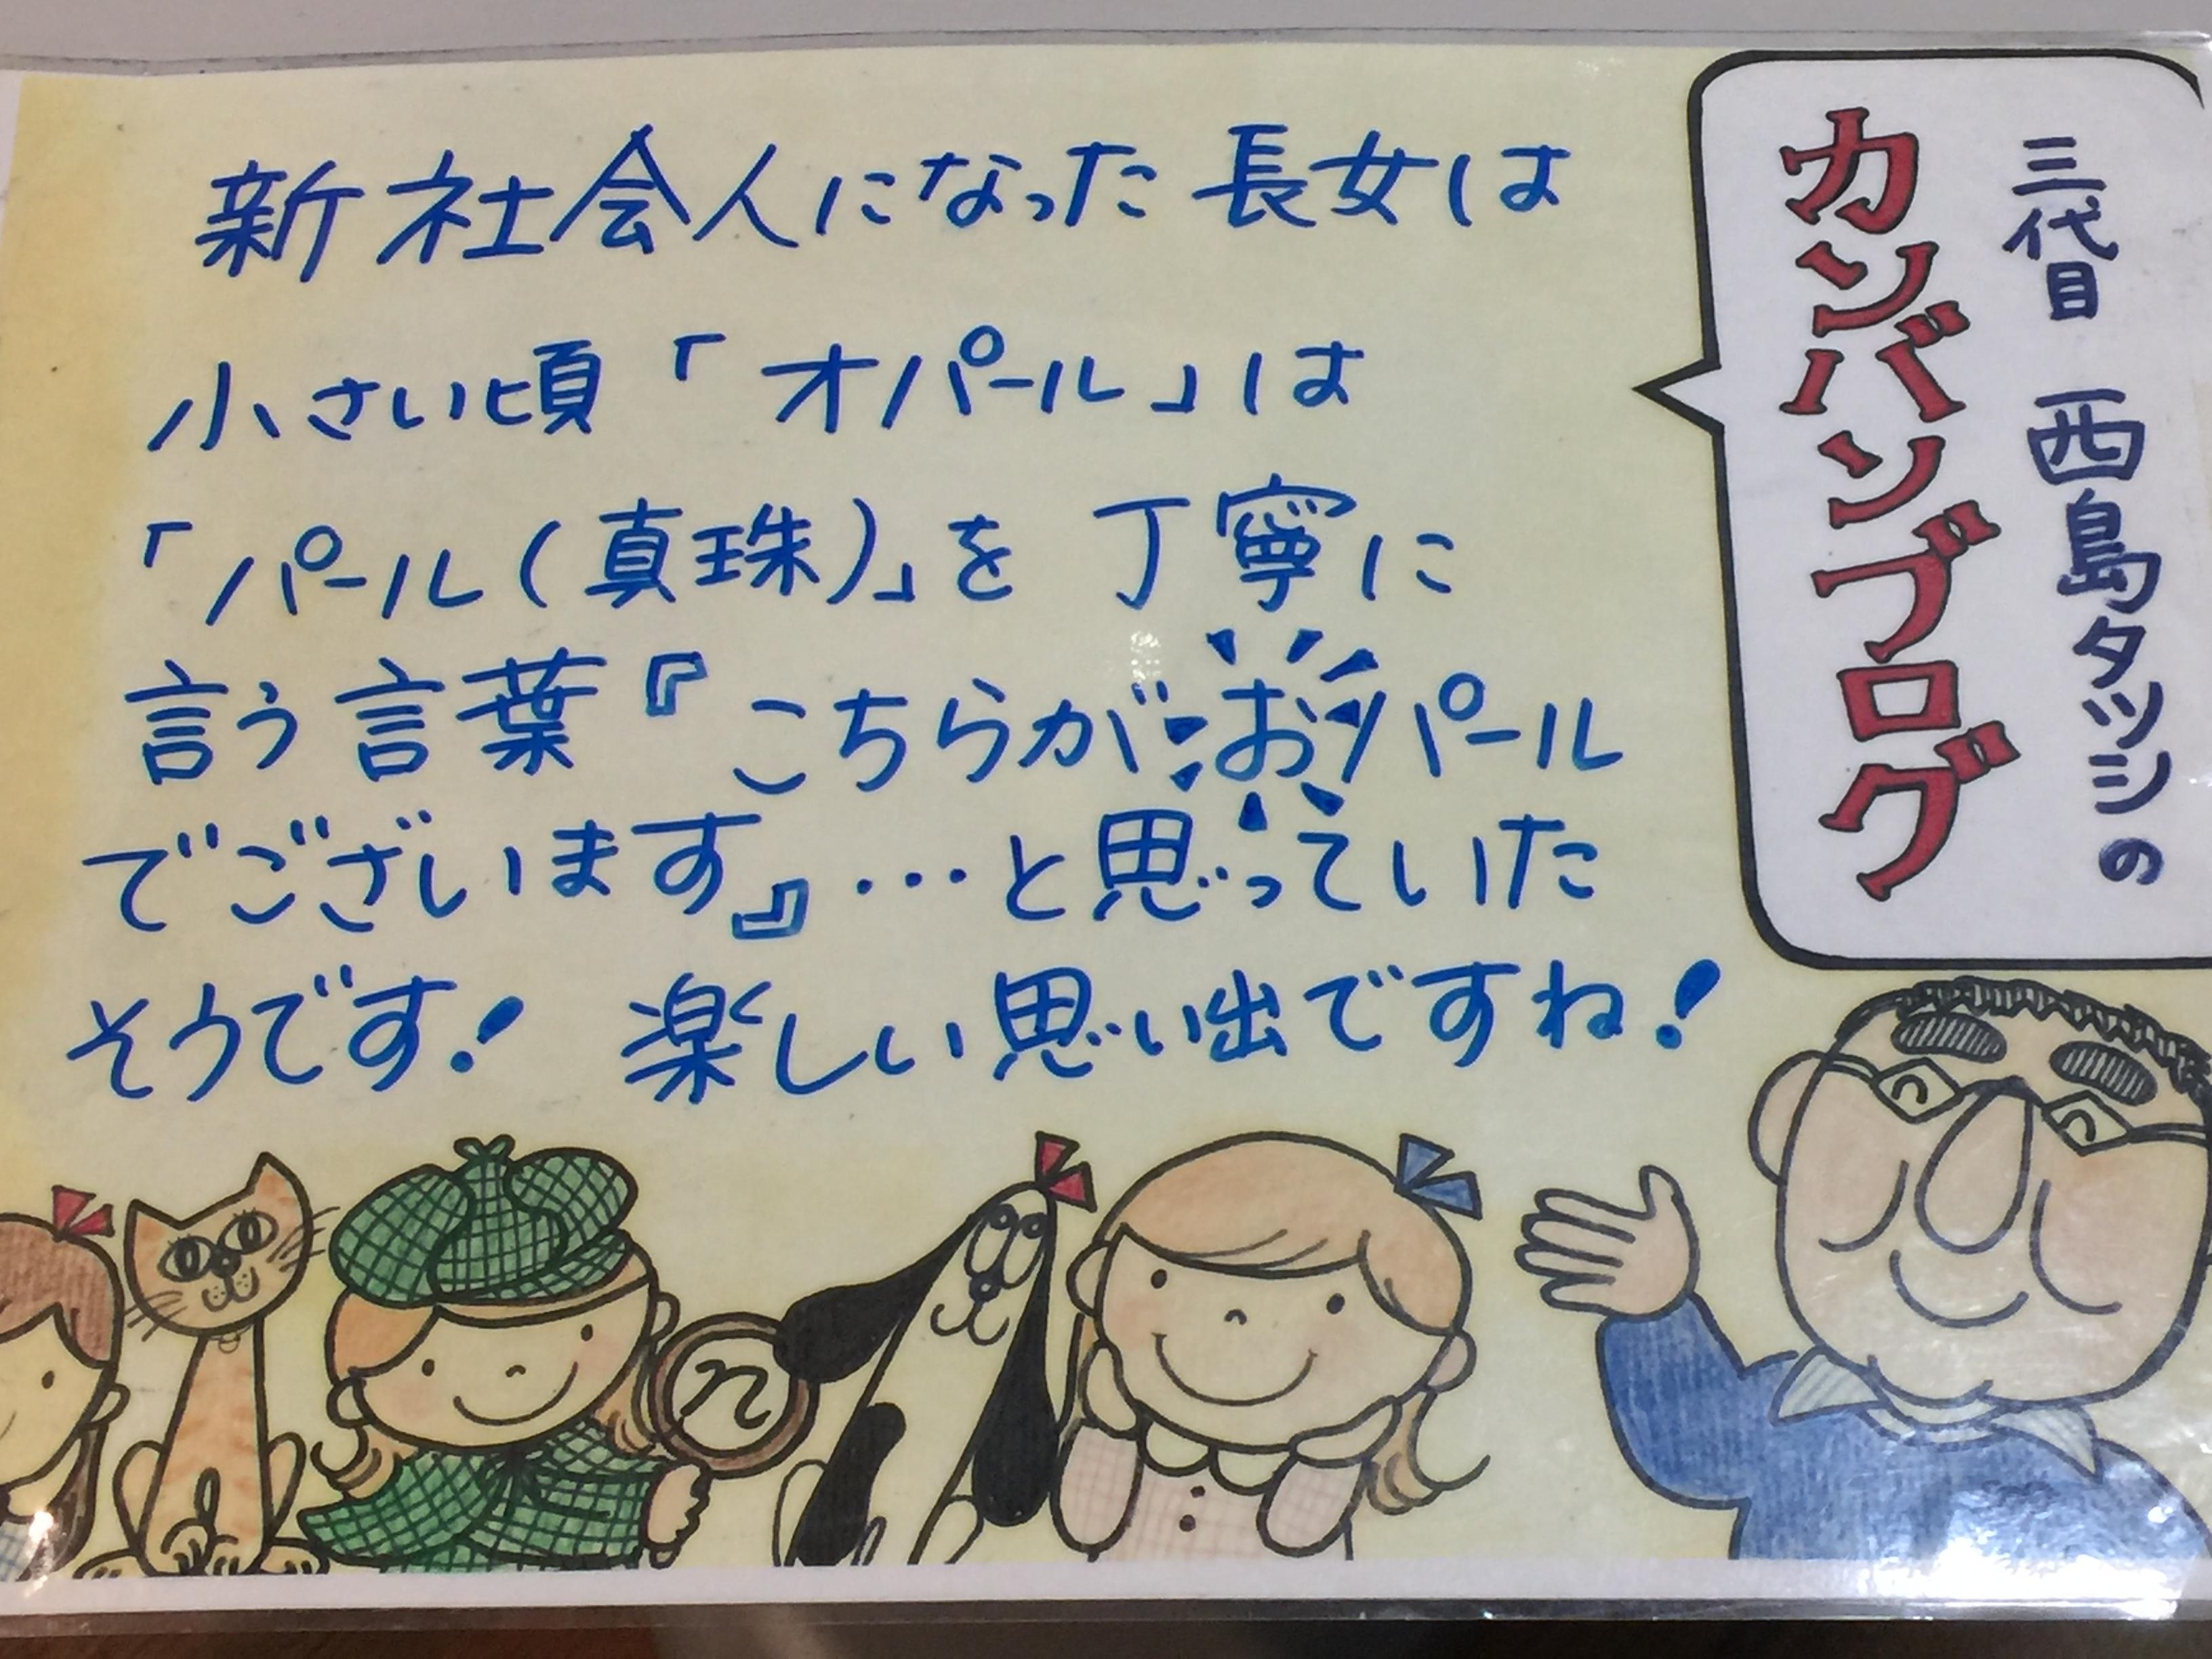 西島眼鏡店 三代目 西島タツシのカンバンブログ